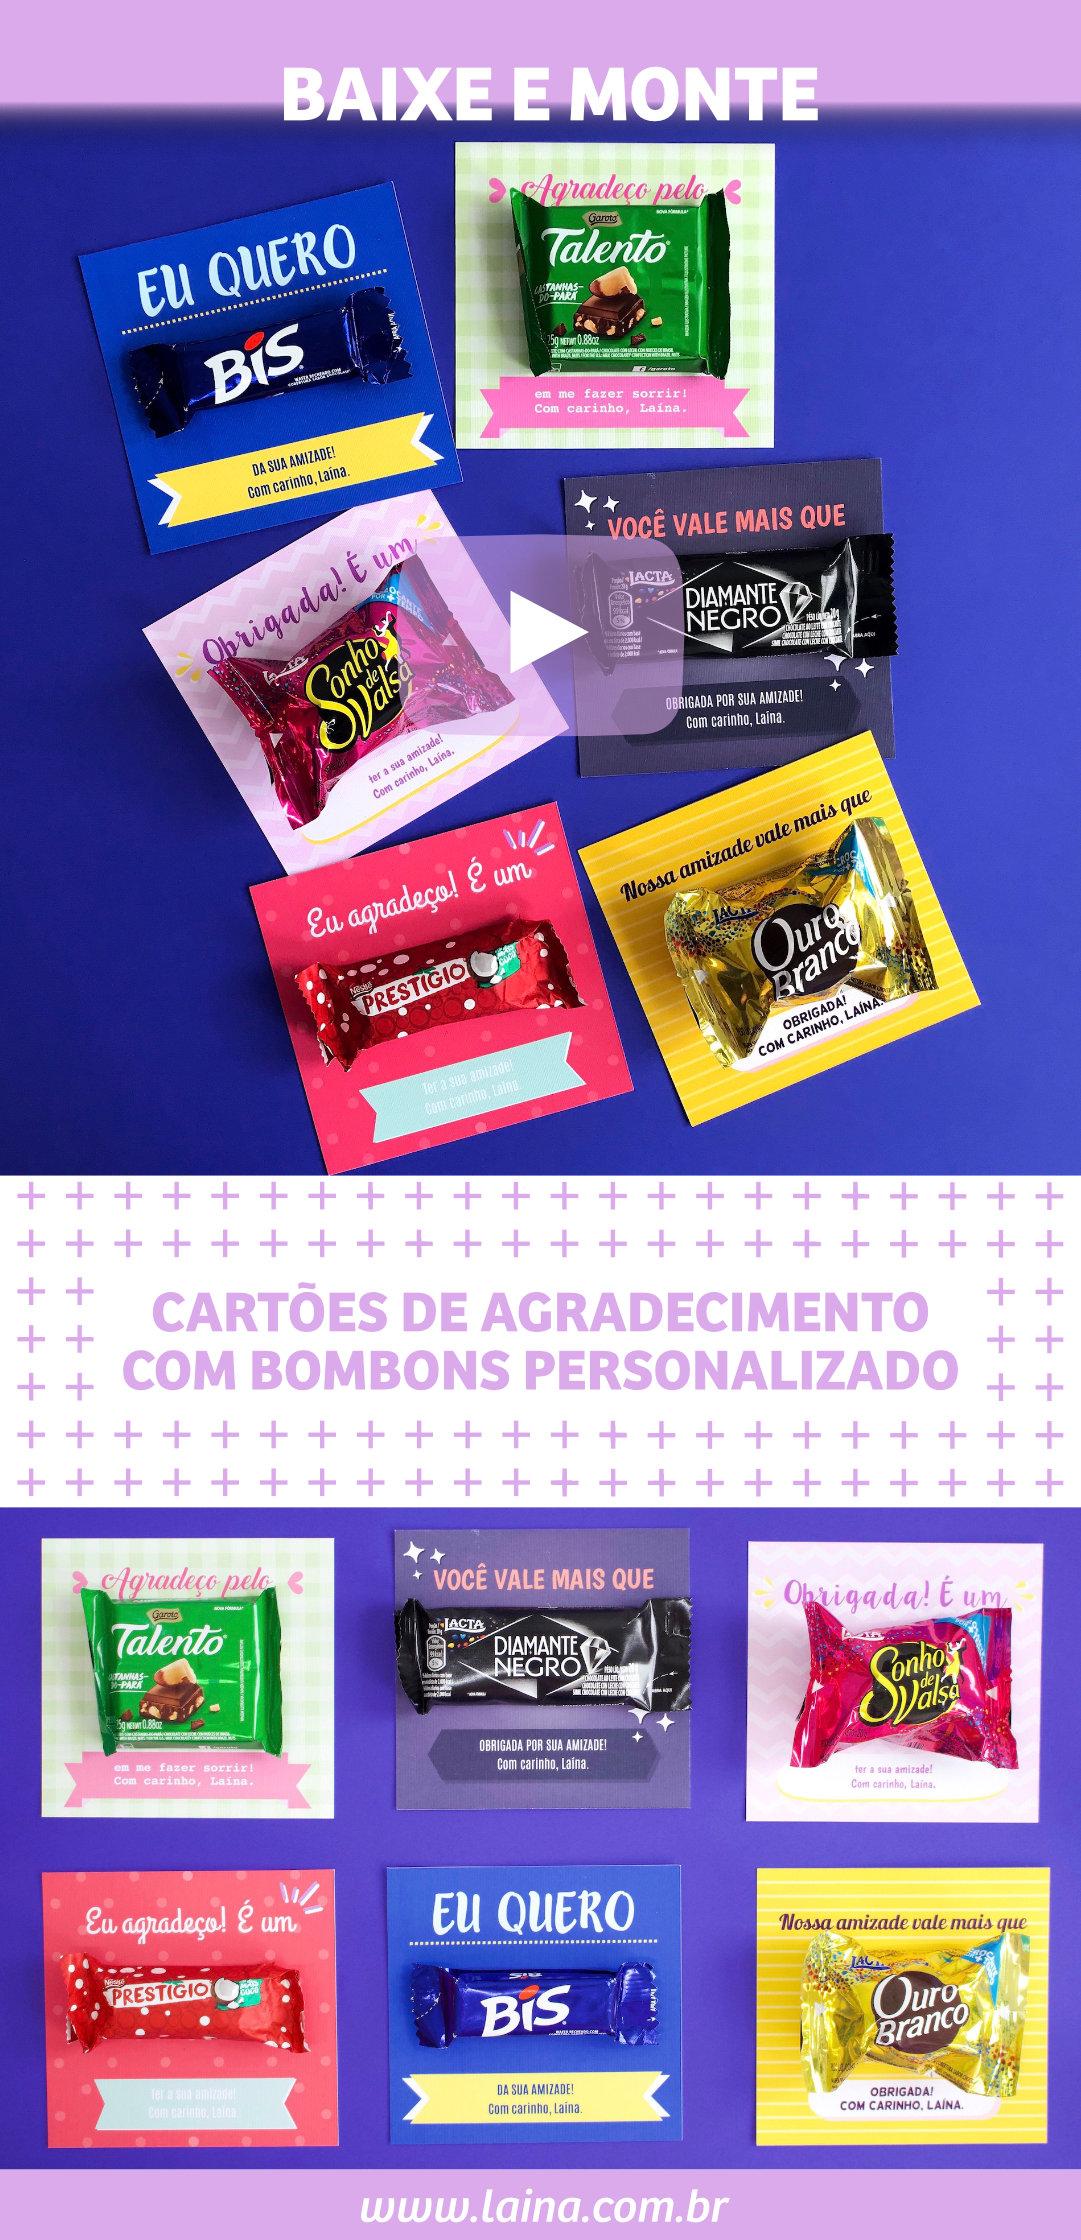 Cartão Bombom: Como fazer um cartão de agradecimento usando bombons?